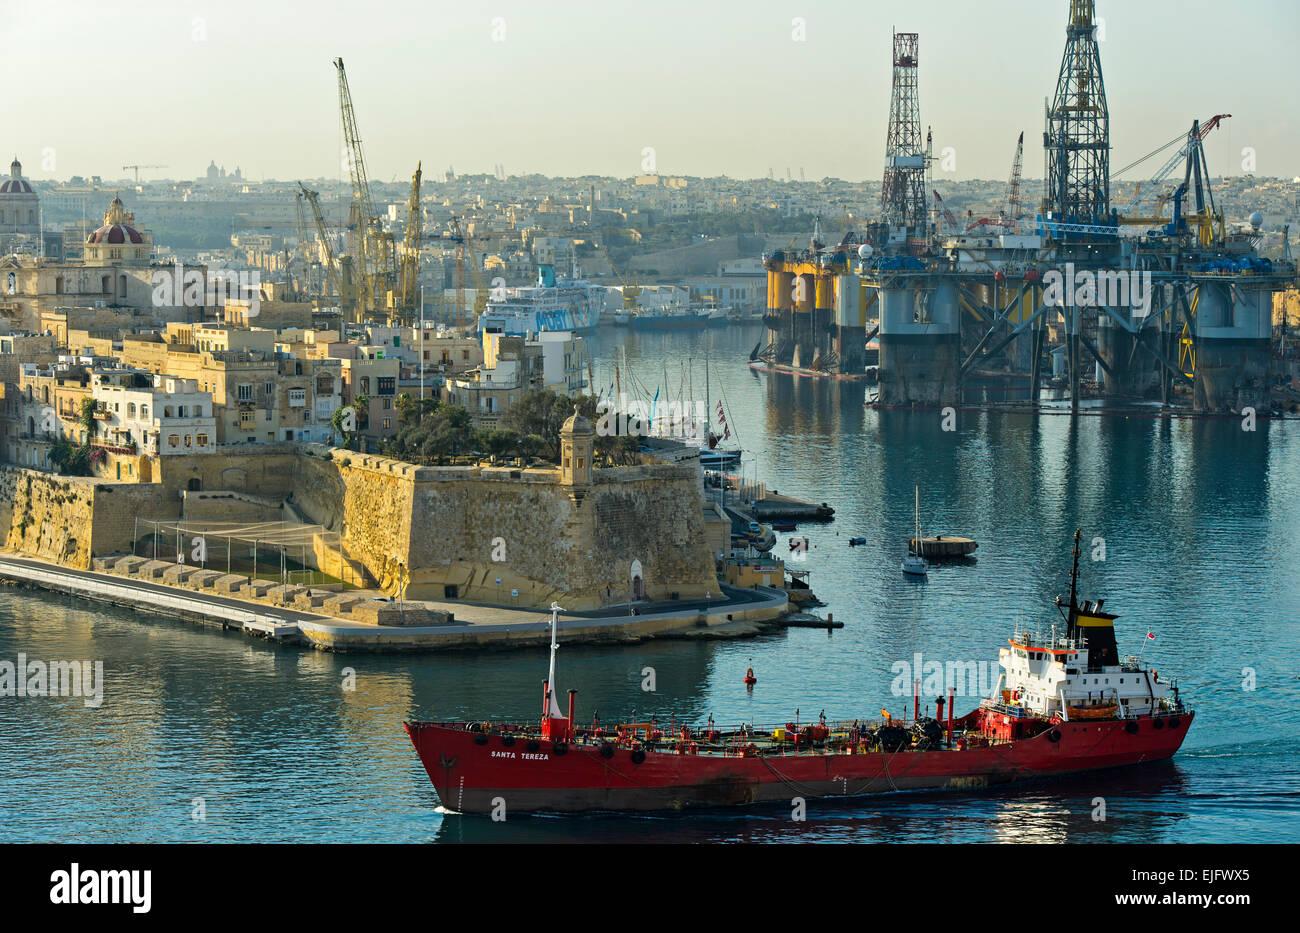 Les transporteurs de produits chimiques dans le port de Santa Tereza Grand Port de La Valette, Malte Photo Stock